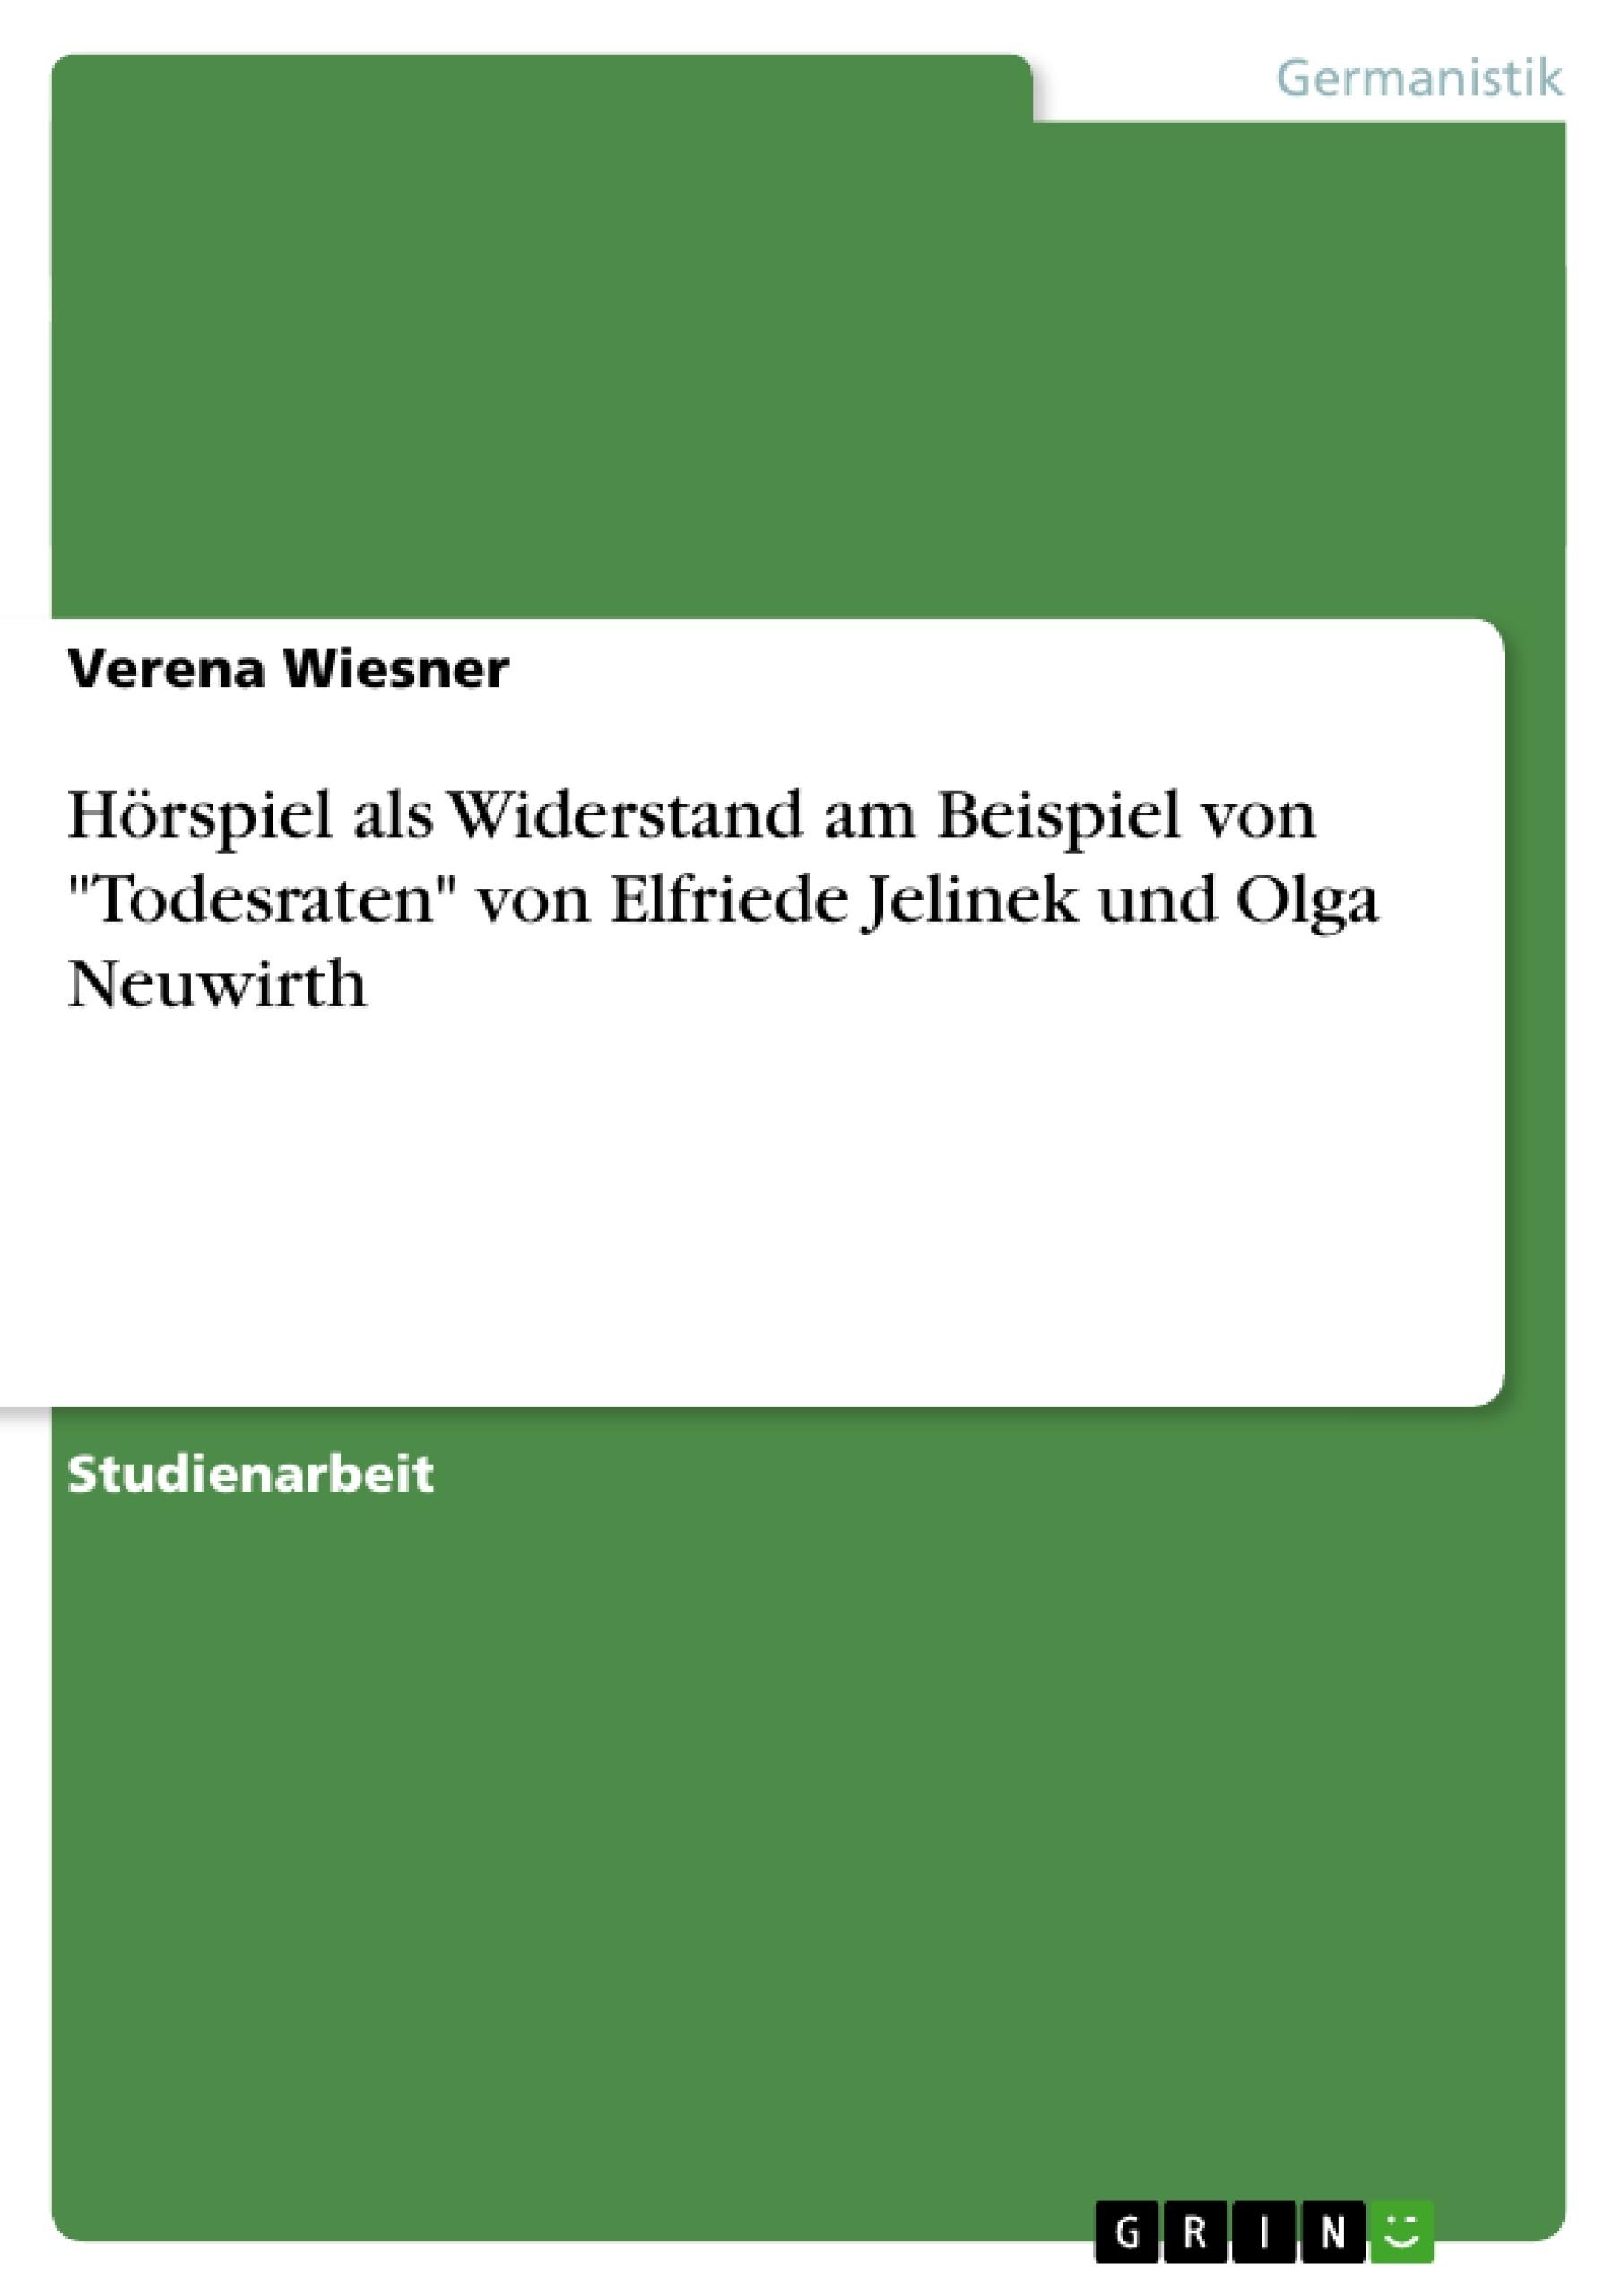 """Titel: Hörspiel als Widerstand am Beispiel von """"Todesraten"""" von Elfriede Jelinek und Olga Neuwirth"""